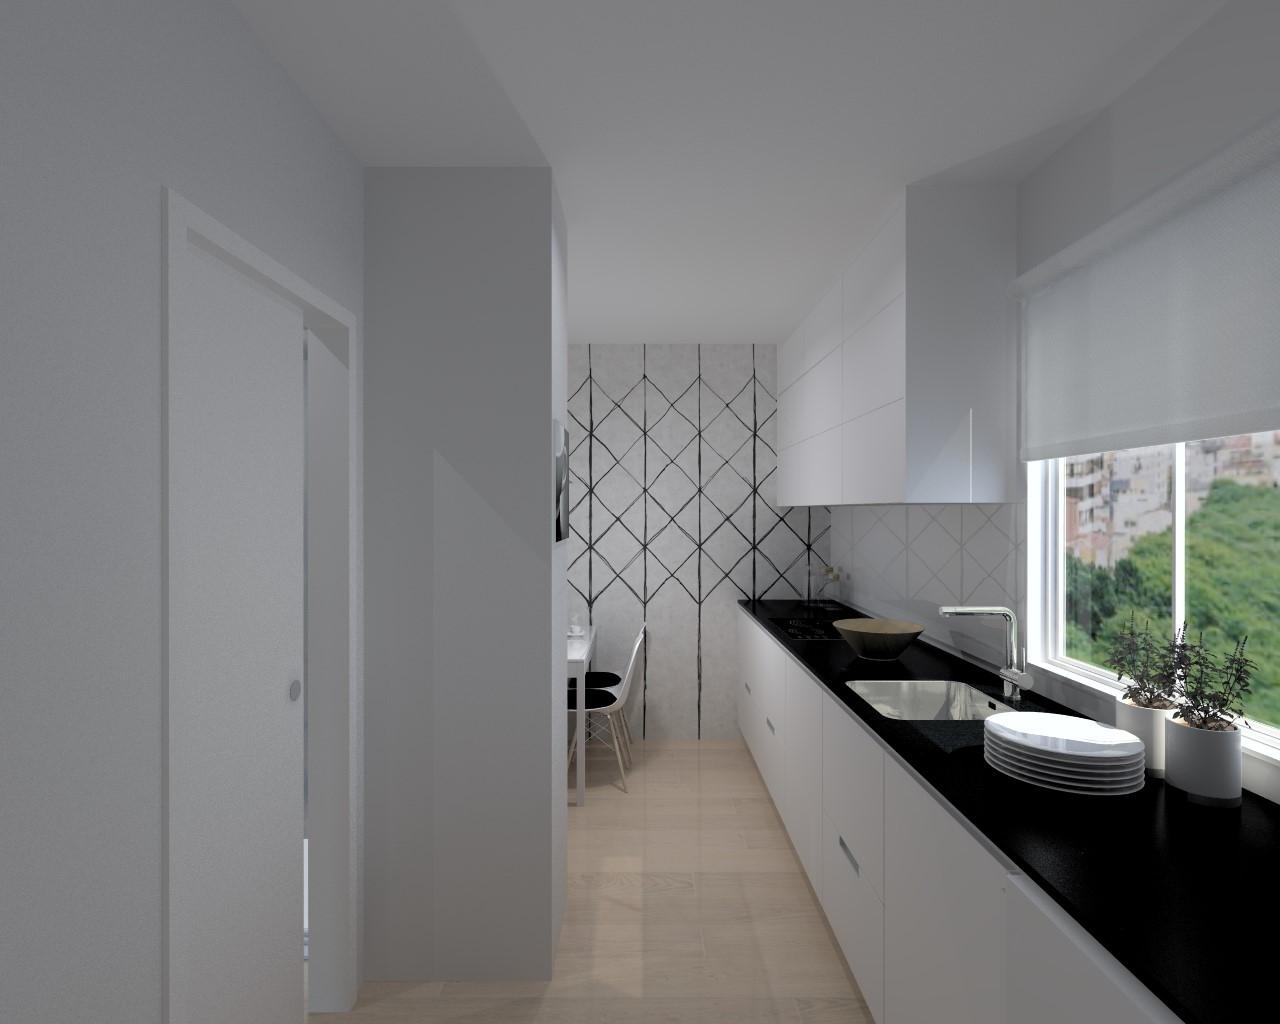 cocina santos modelo minos line blanco encimera granito negro